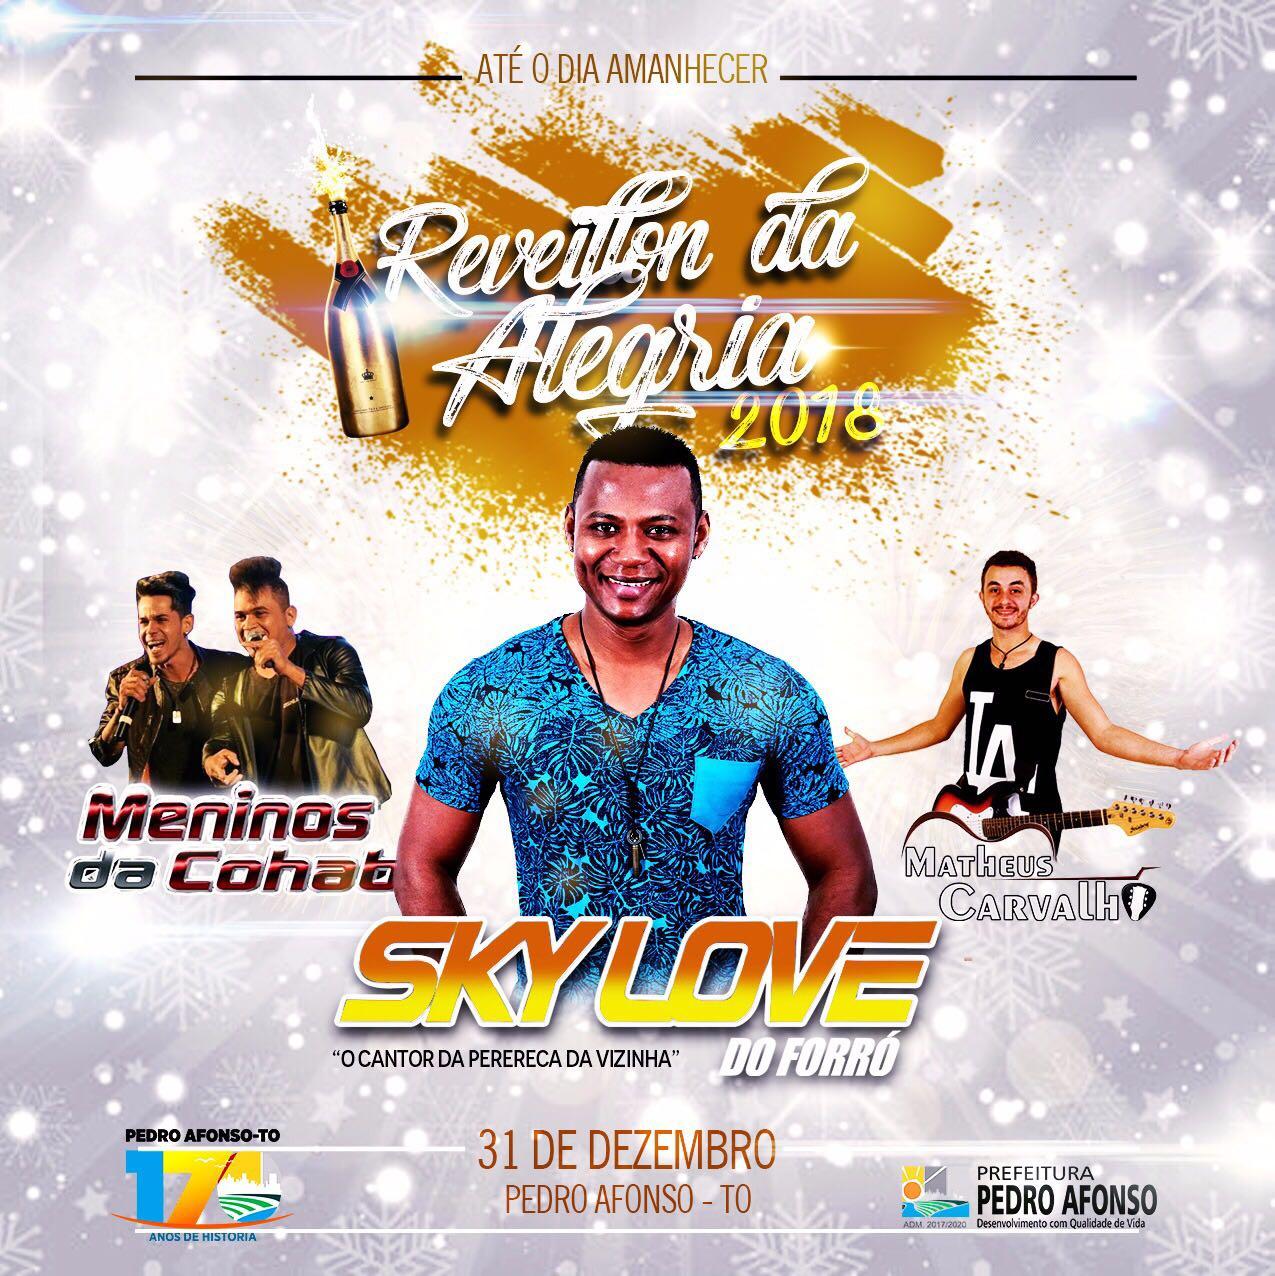 Pedro Afonso: Réveillon terá três atrações e nove horas de apresentações